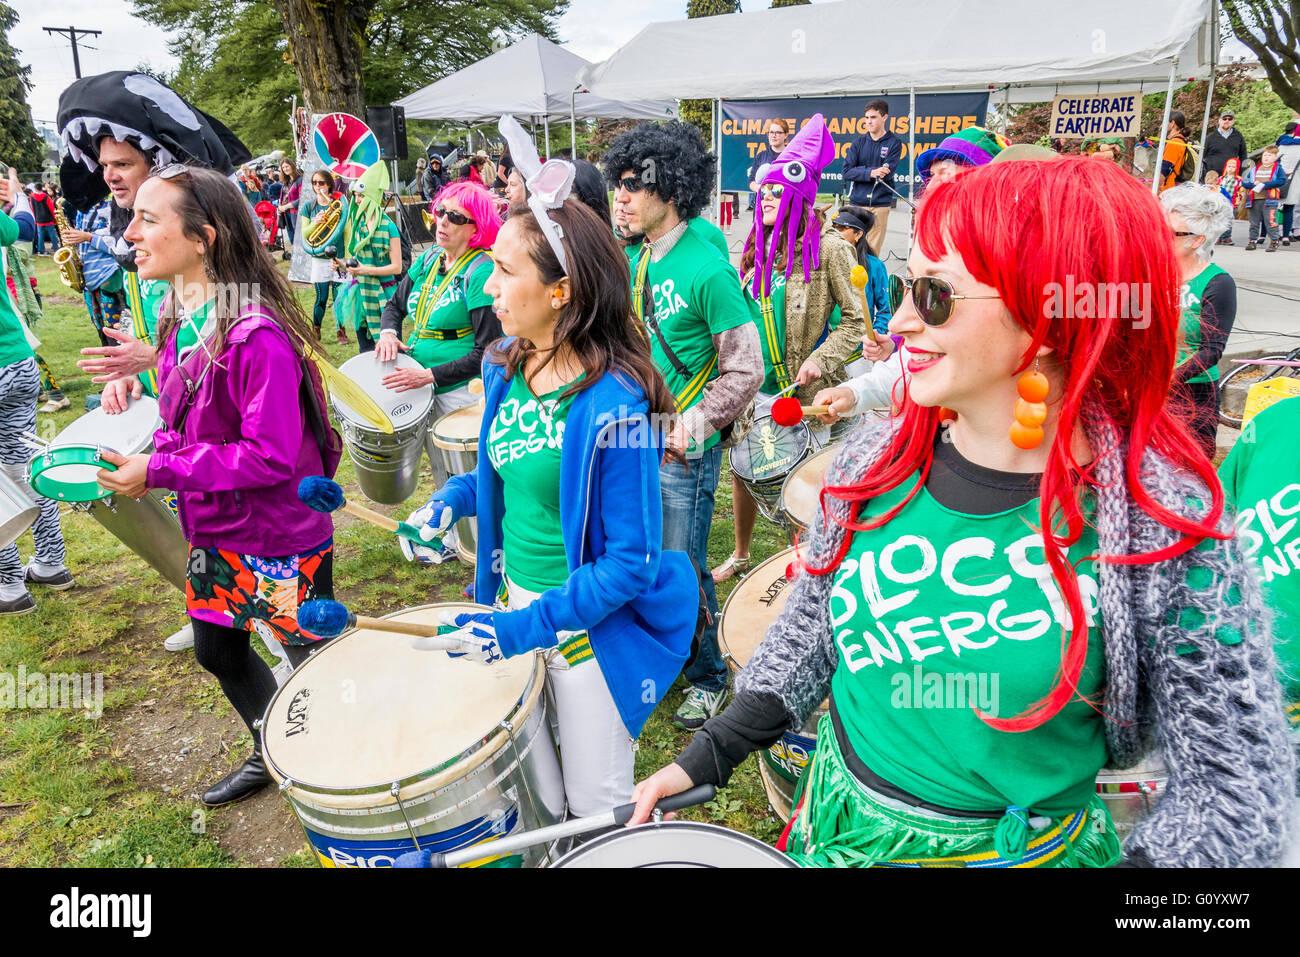 Gruppo tamburo Bloco Energia eseguire presso la Giornata della Terra Rally, Vancouver, British Columbia, Canada Immagini Stock